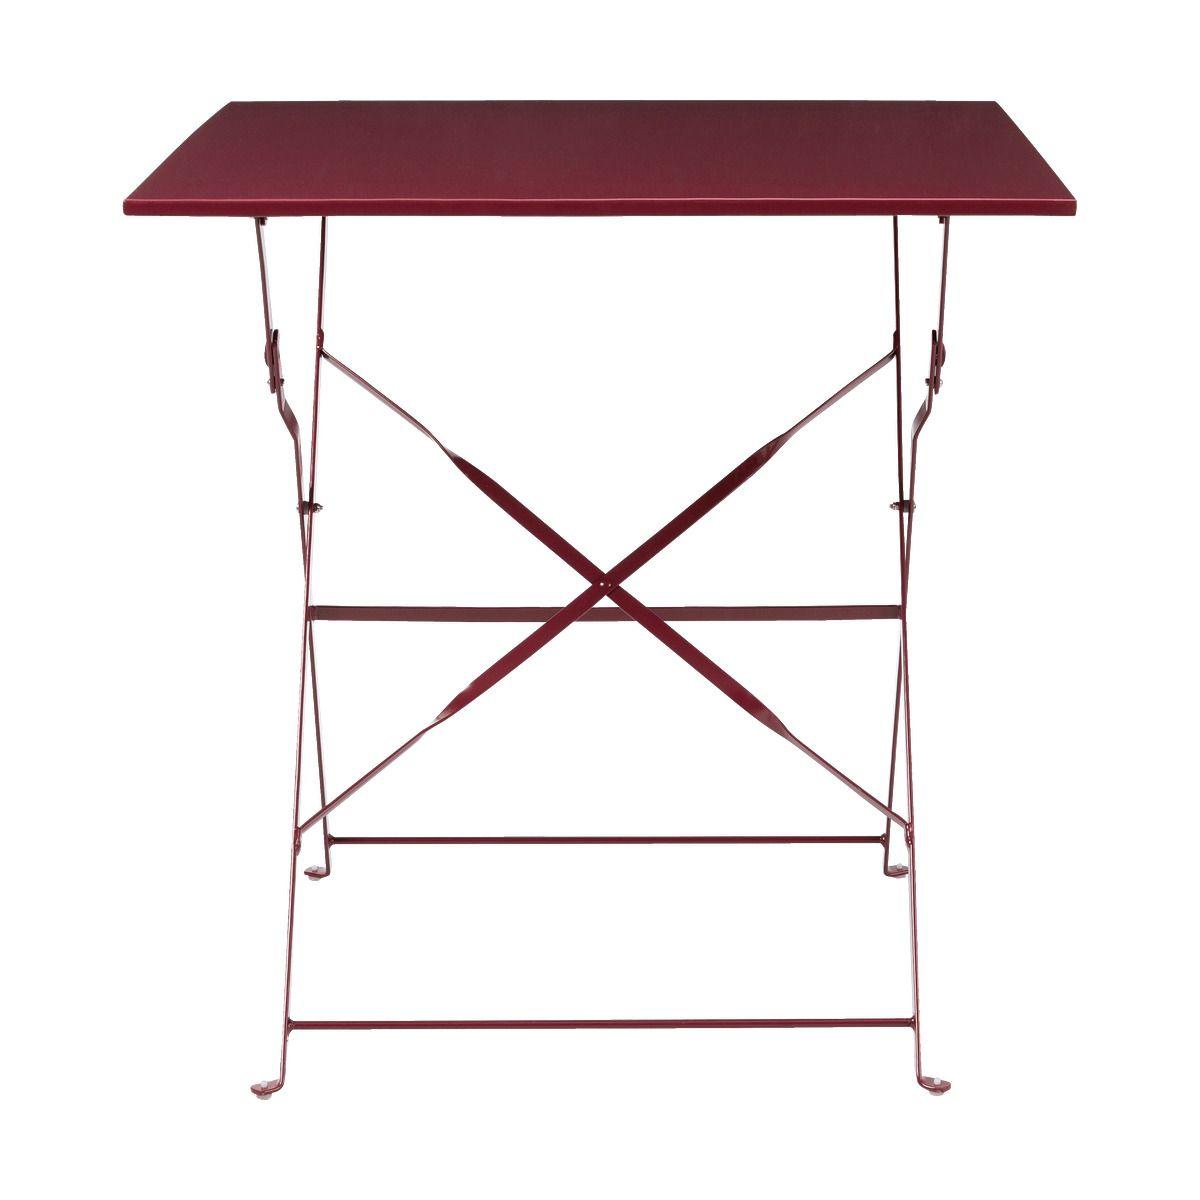 Table De Jardin Pliante Rouge Sumac 2 Places Alinea Table De